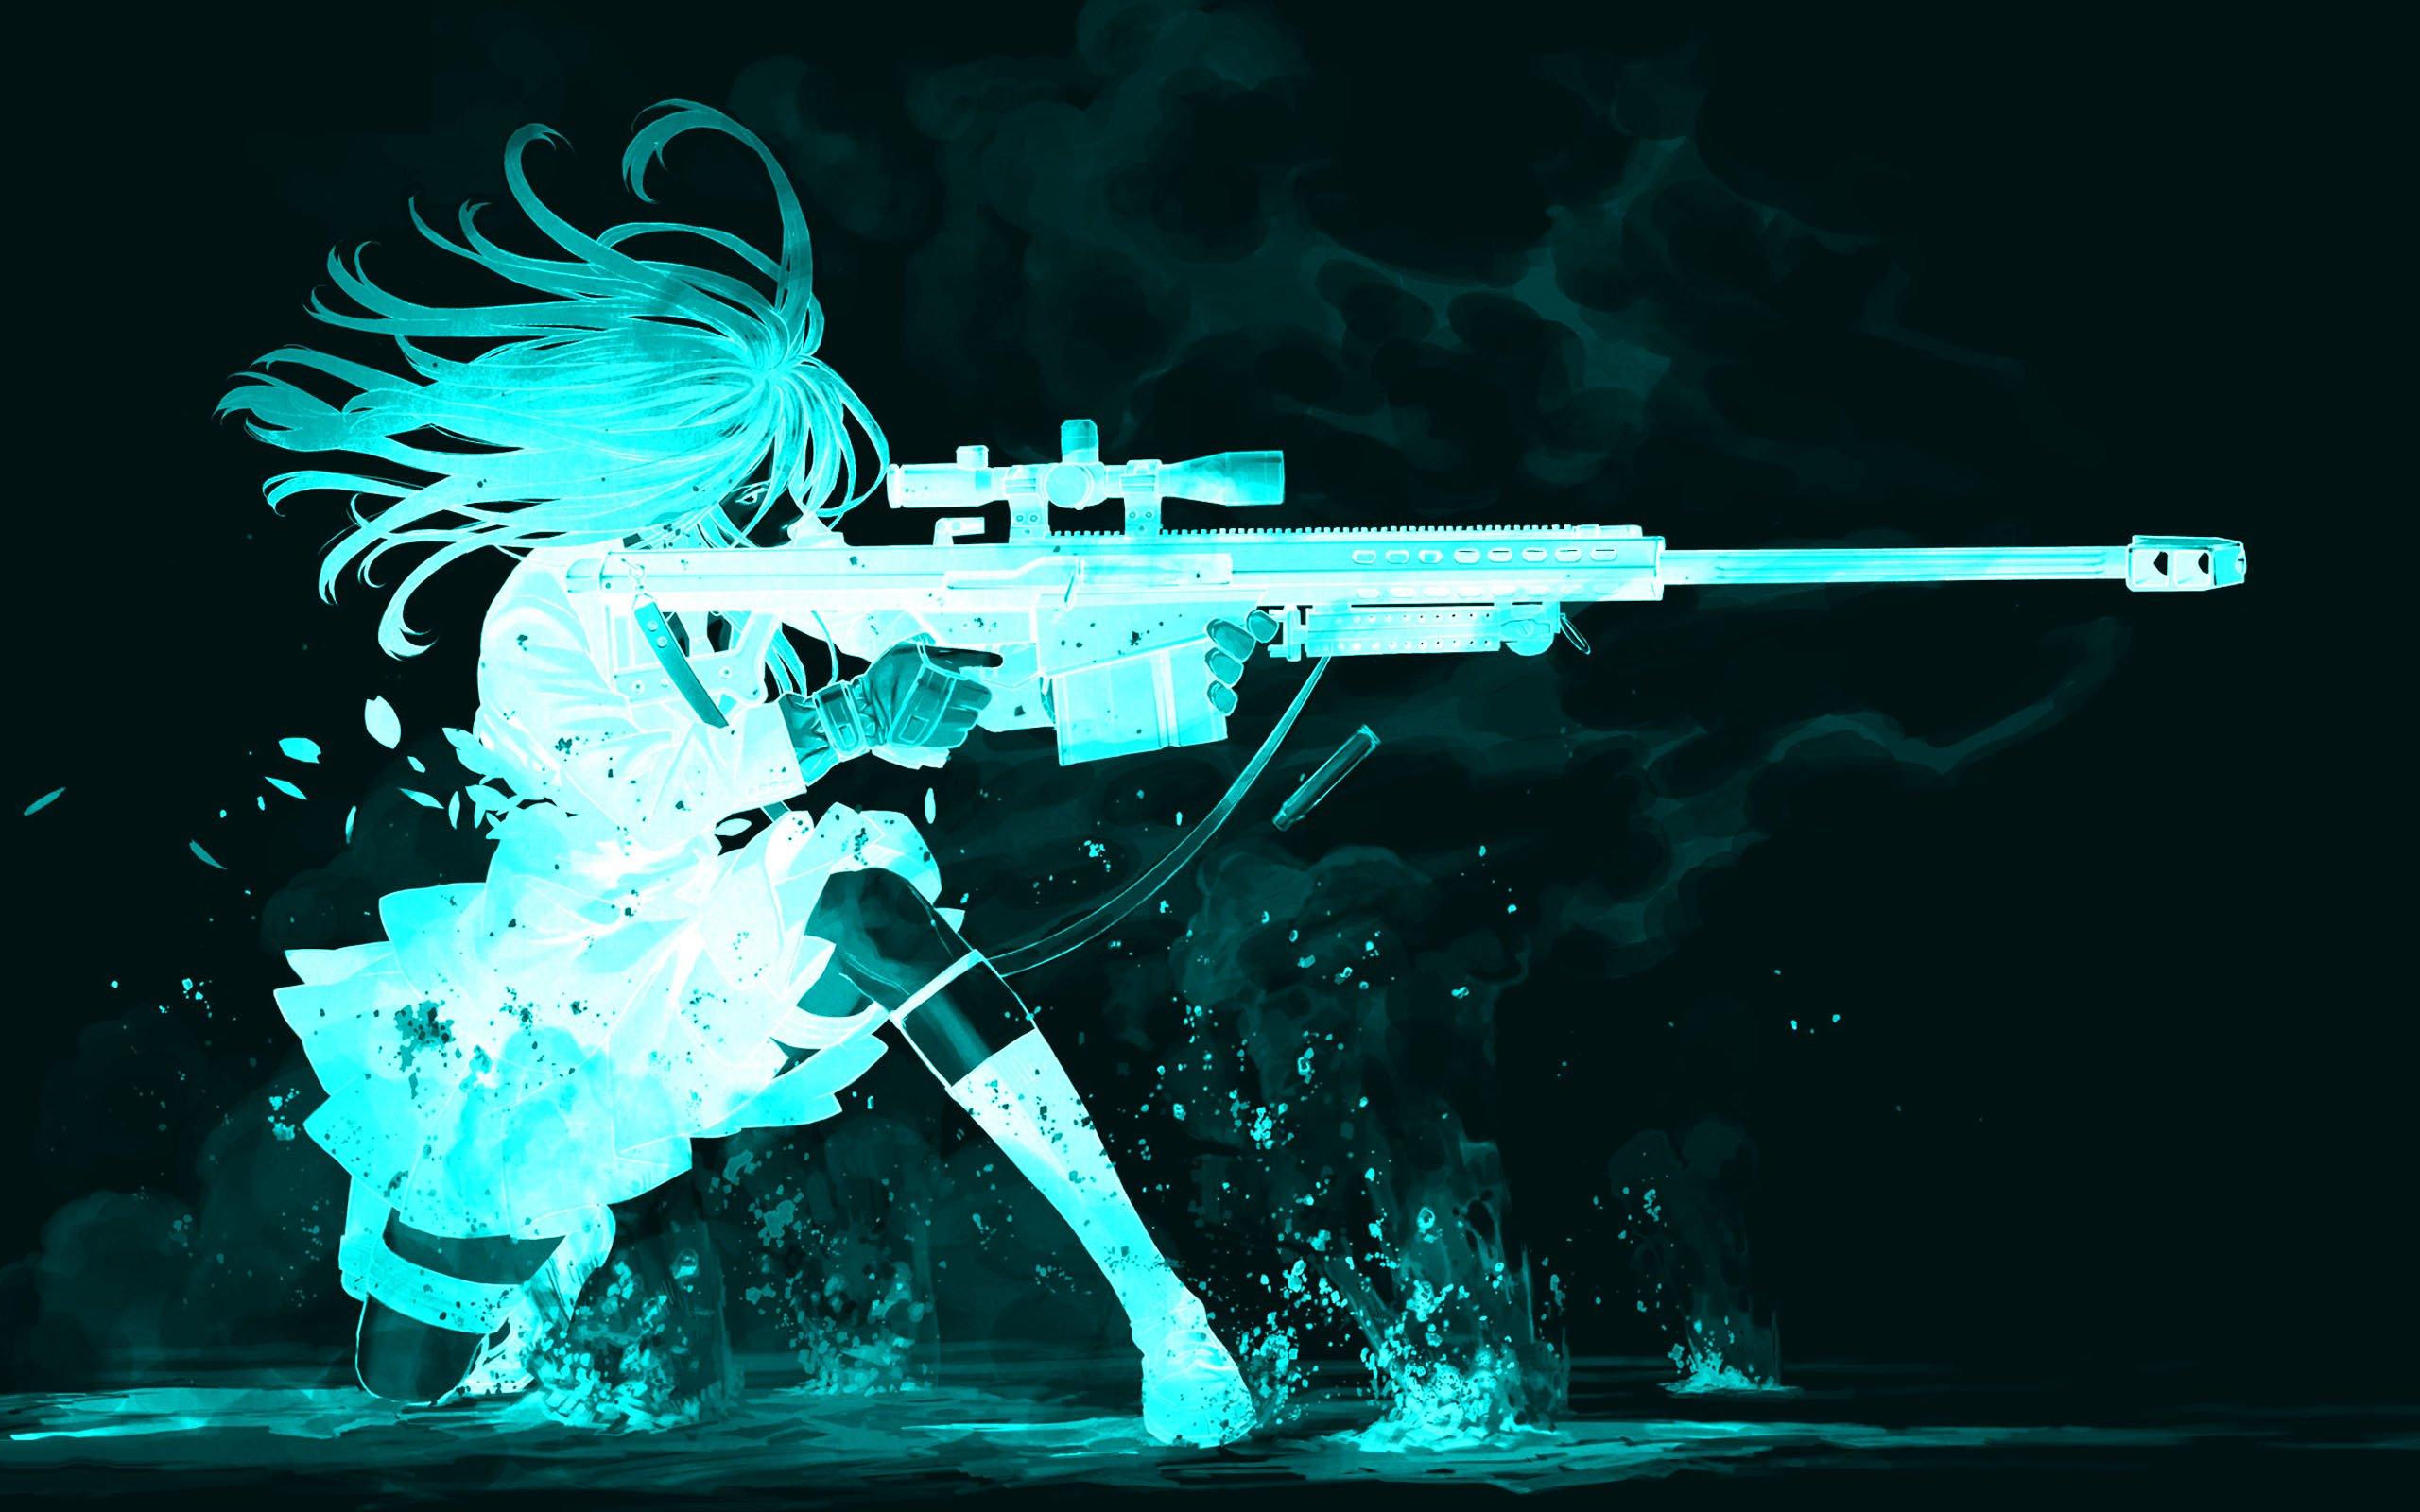 anime gun wallpaper wallpapersafari